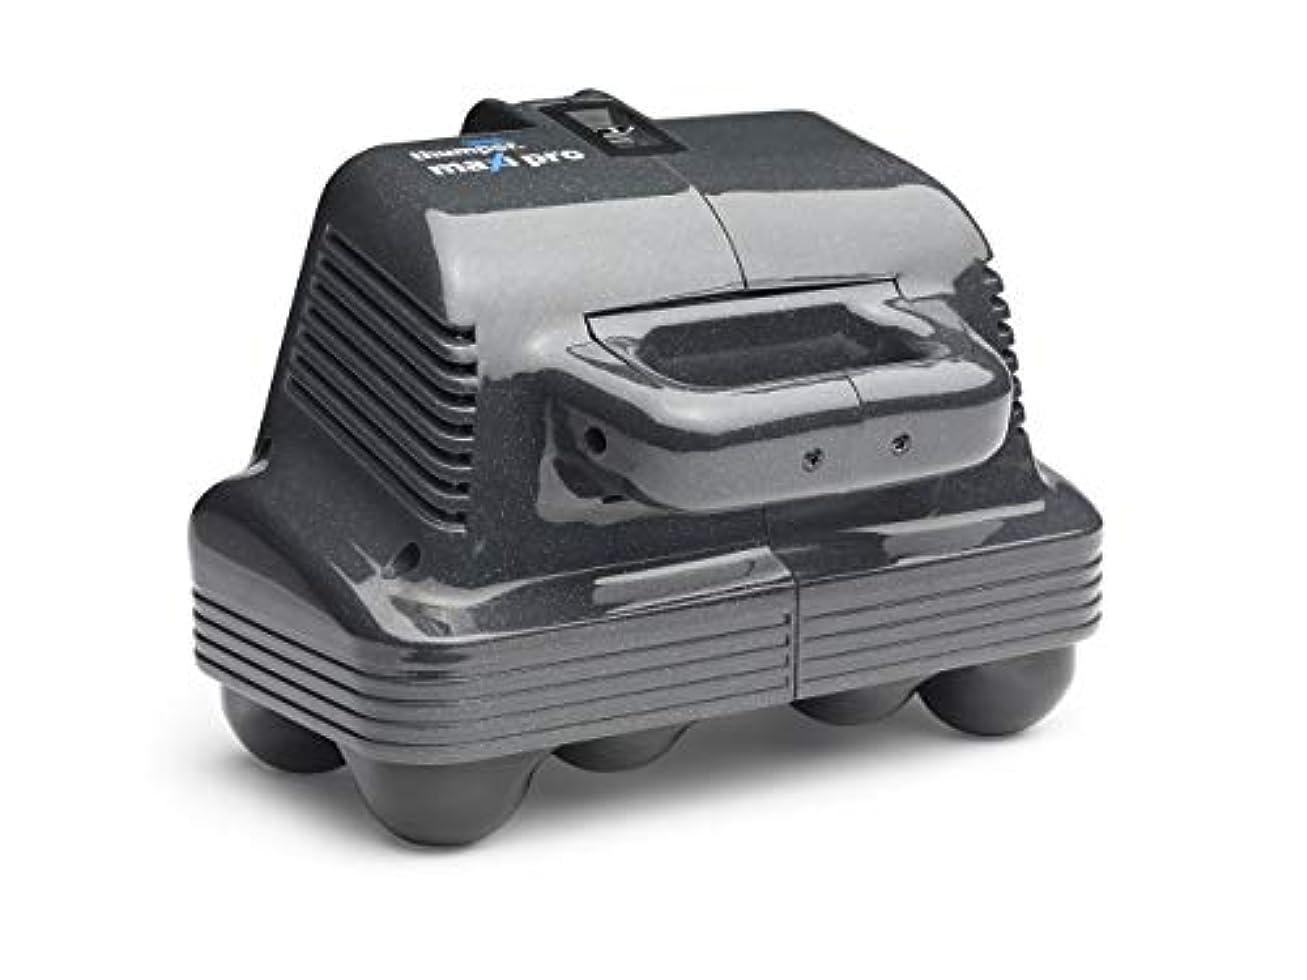 Thumper Maxi Pro プロフェッショナル 電気マッサージャー